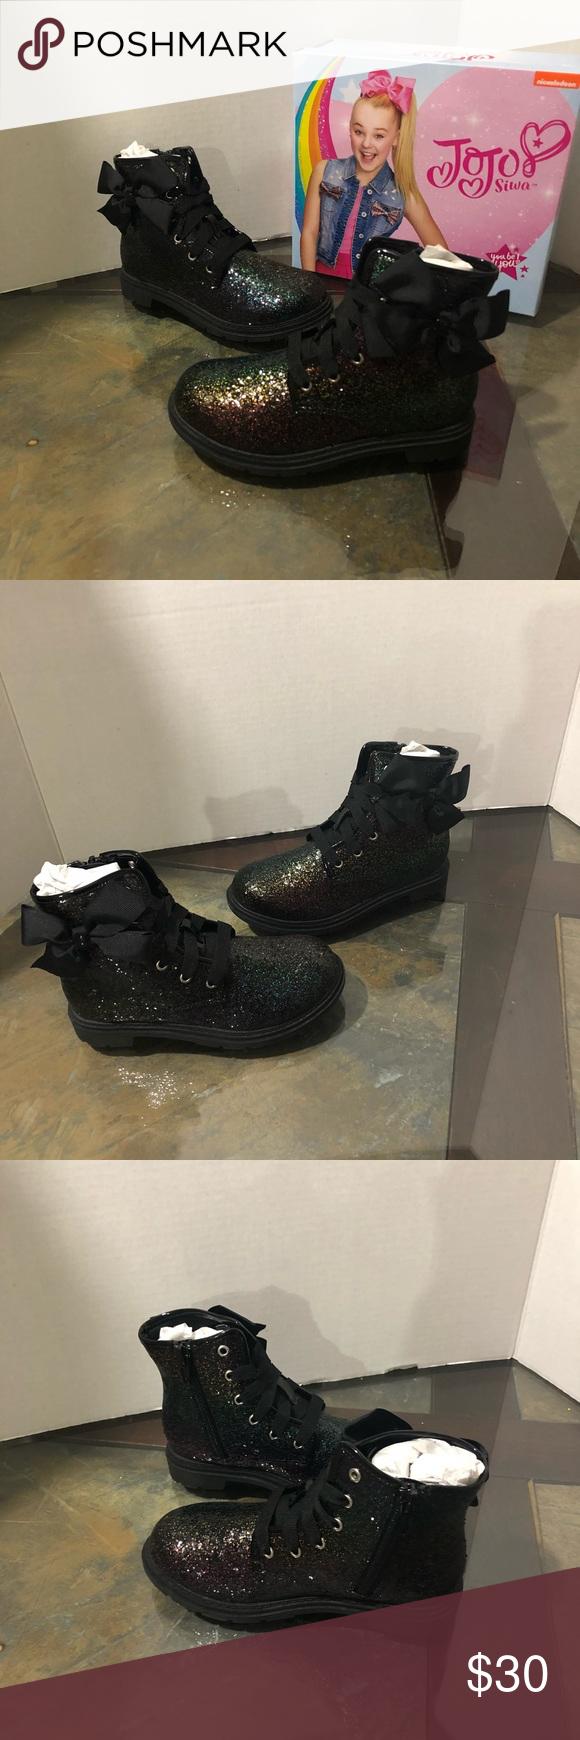 JoJo Siwa Girls toddler boots | Toddler